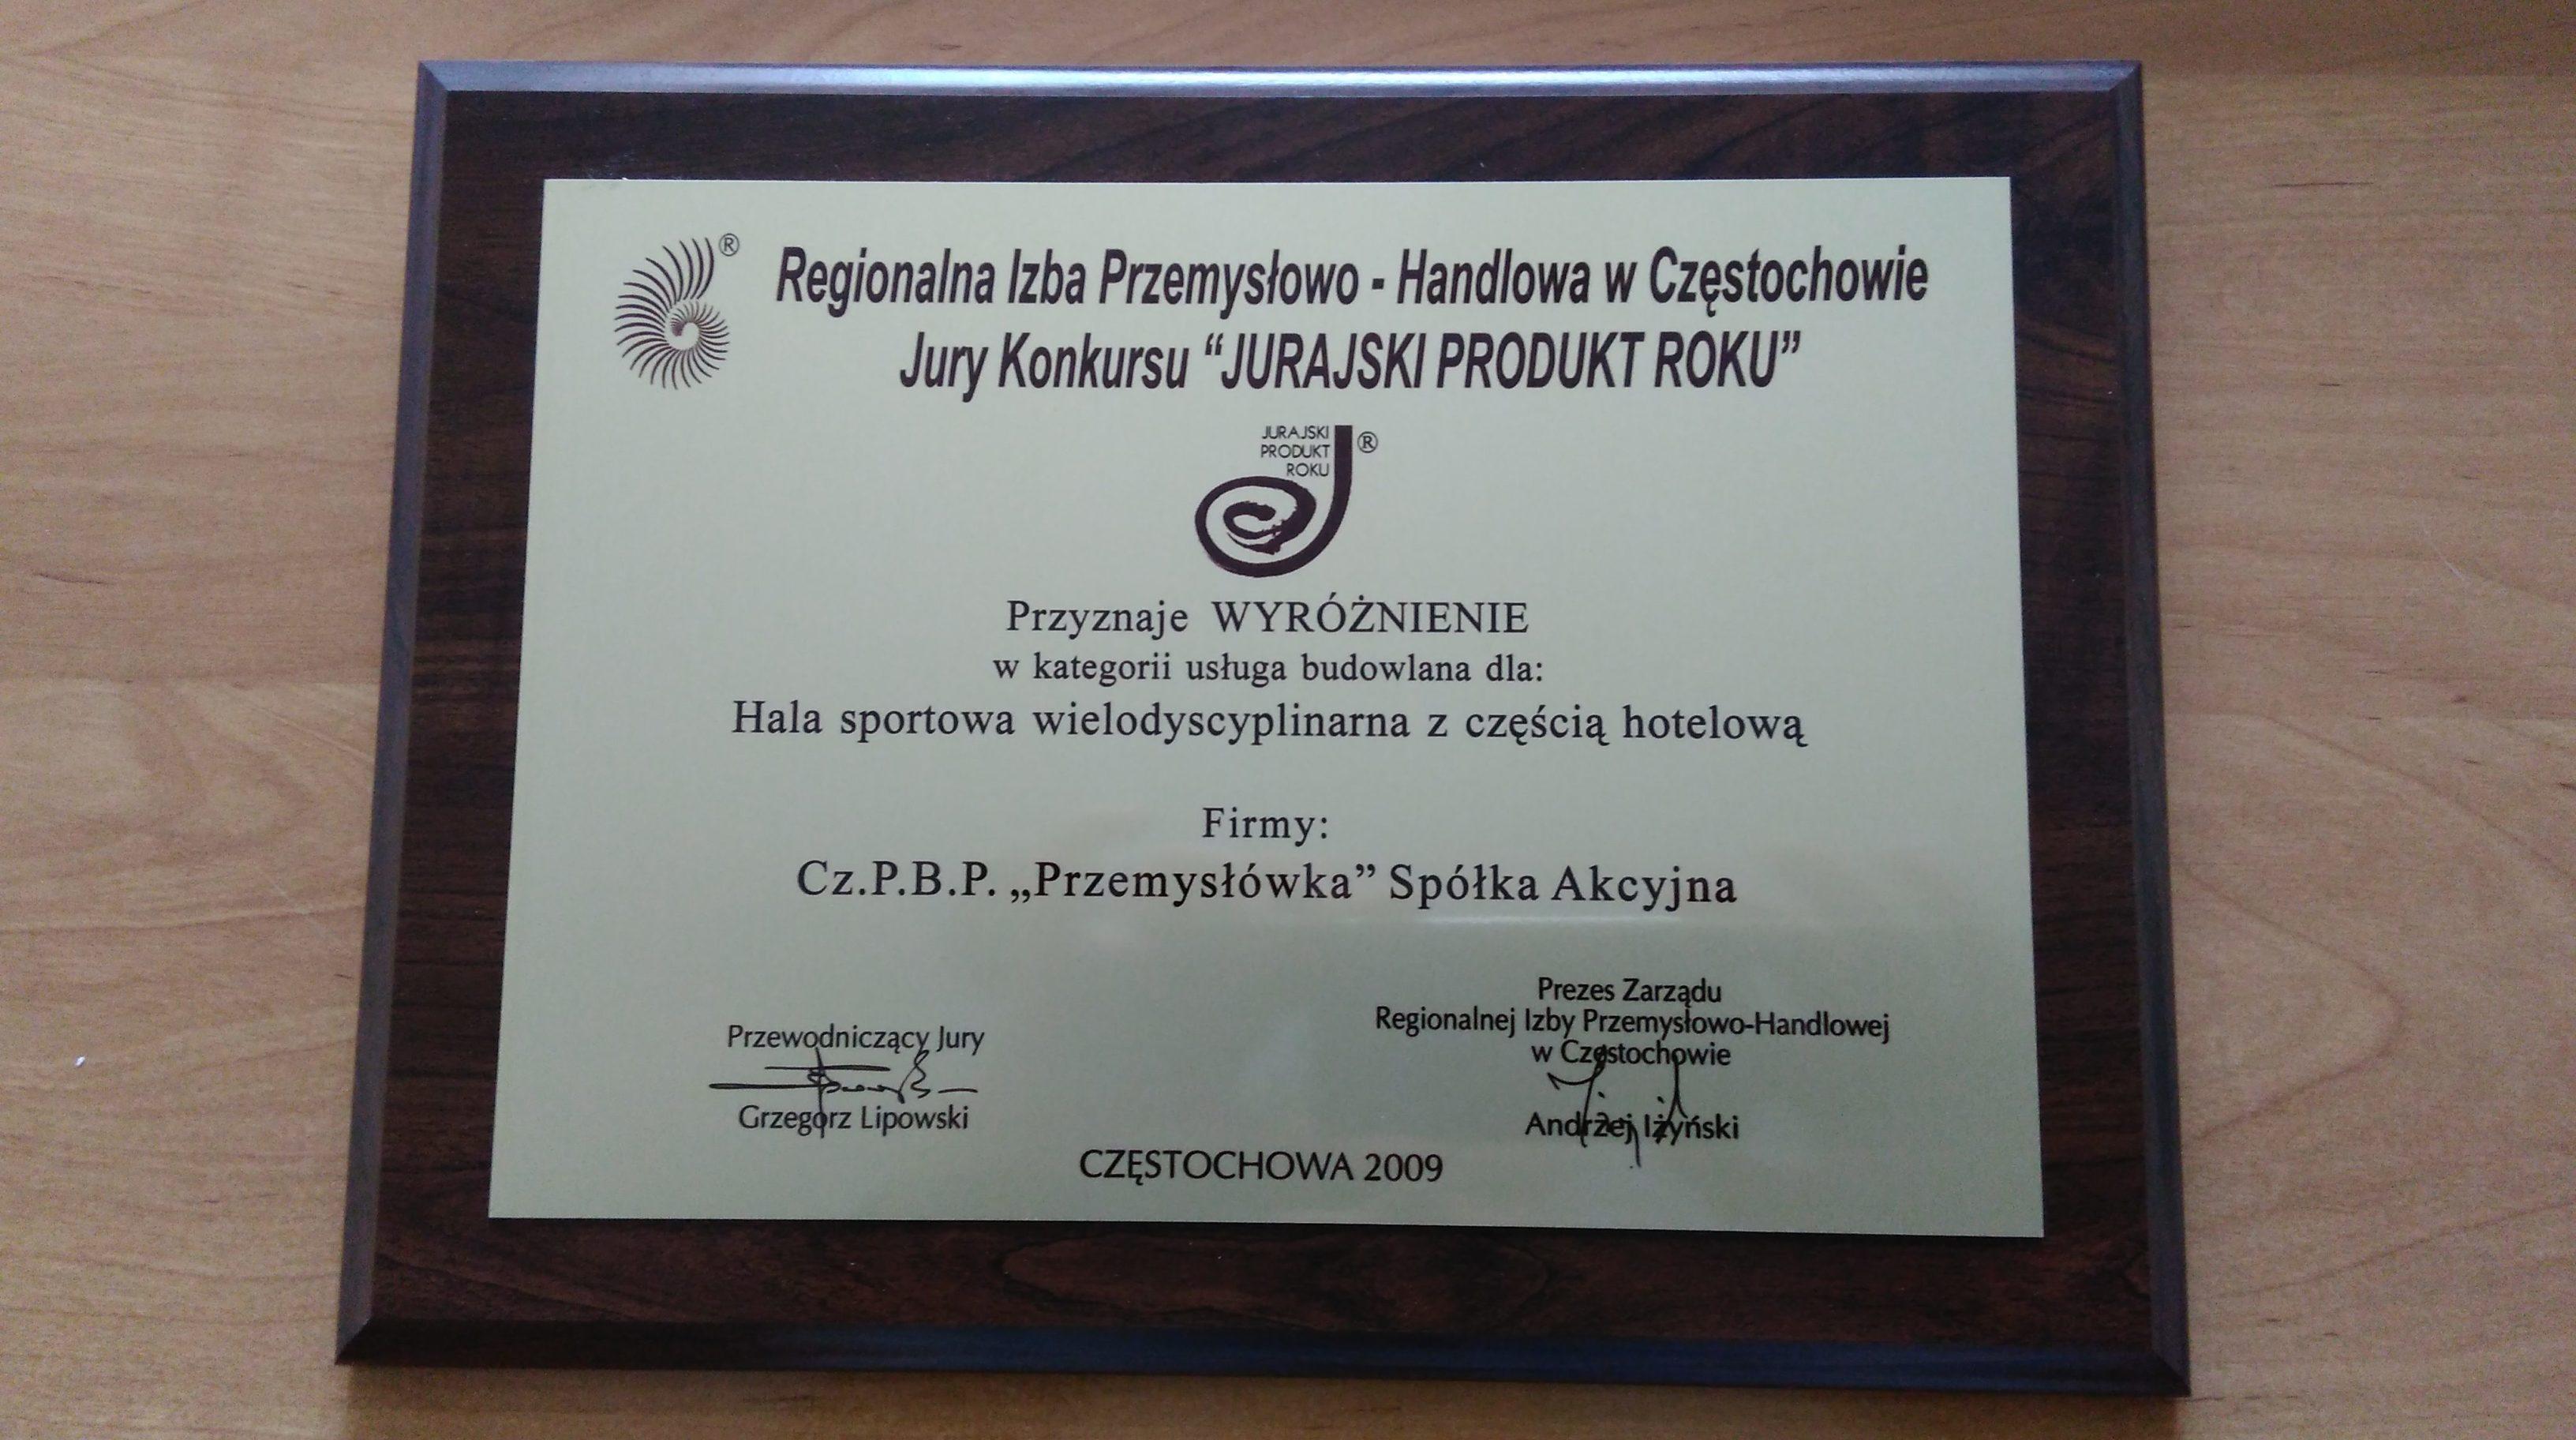 Jurajski Produkt Roku 2009 - Hala sportowa wielodyscyplinarna z częścią hotelową